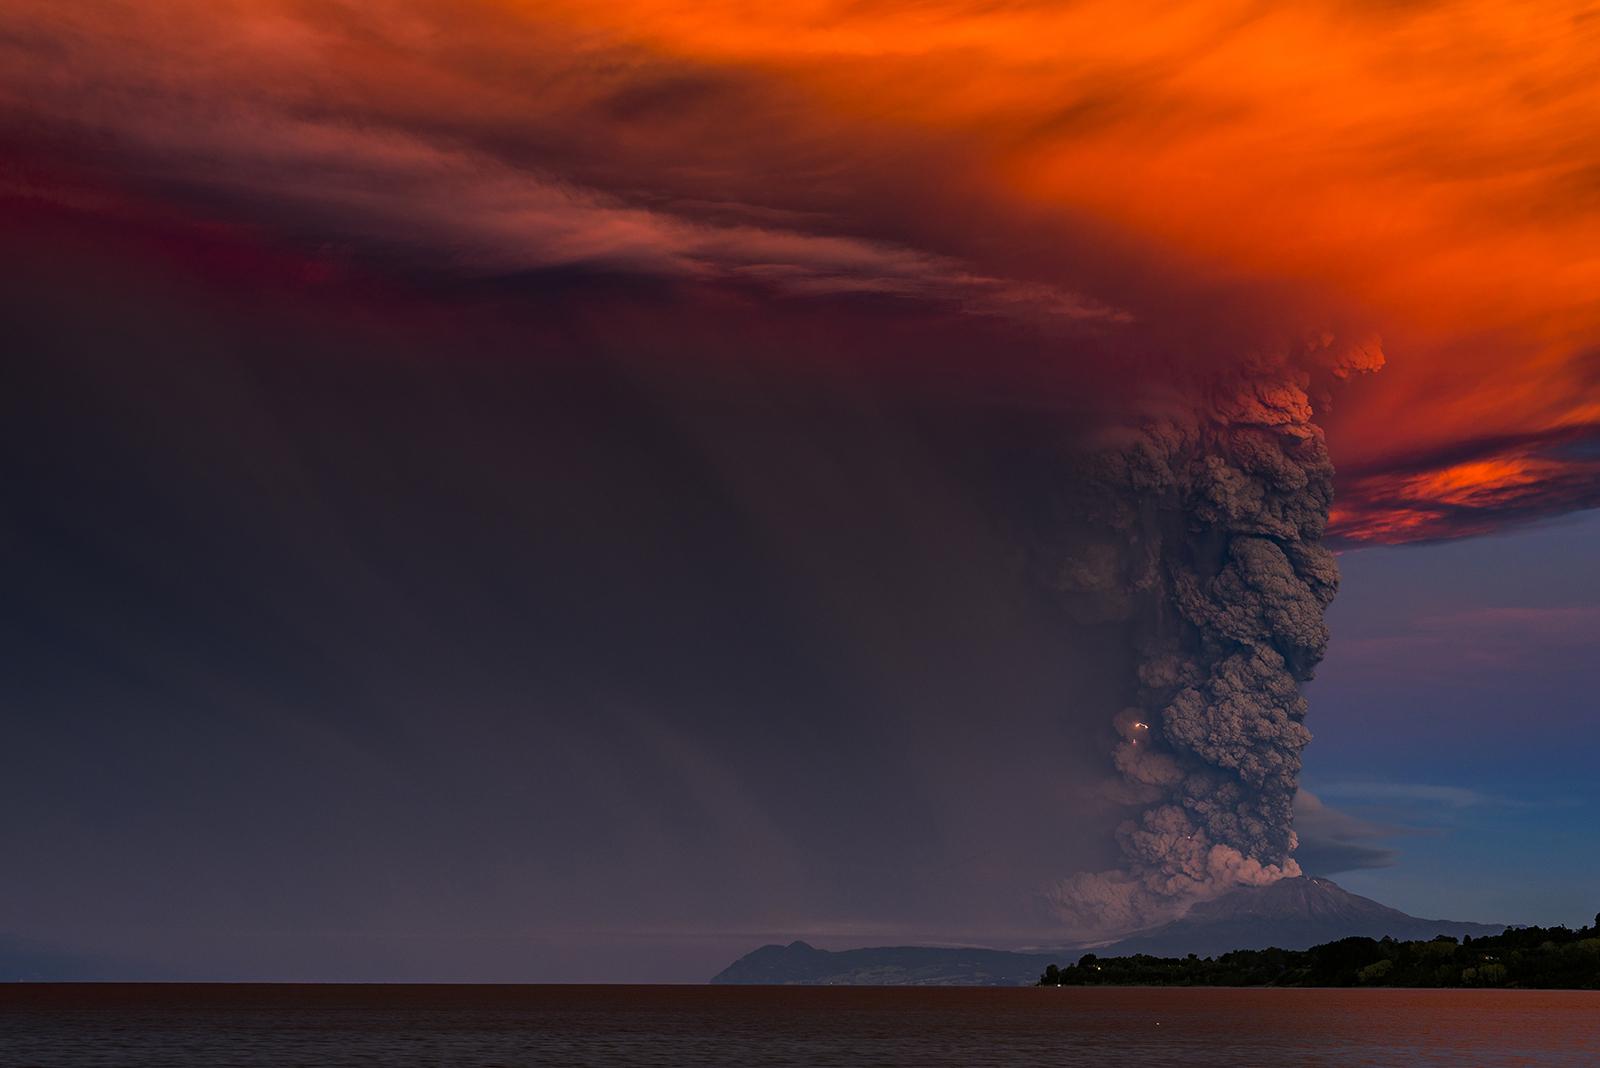 Wonderful Volcanic Smoke With Streaks of Lightning by Francisco Negroni 1 Wonderful Photography between Volcanic Smoke With Streaks of Lightning by Francisco Negroni